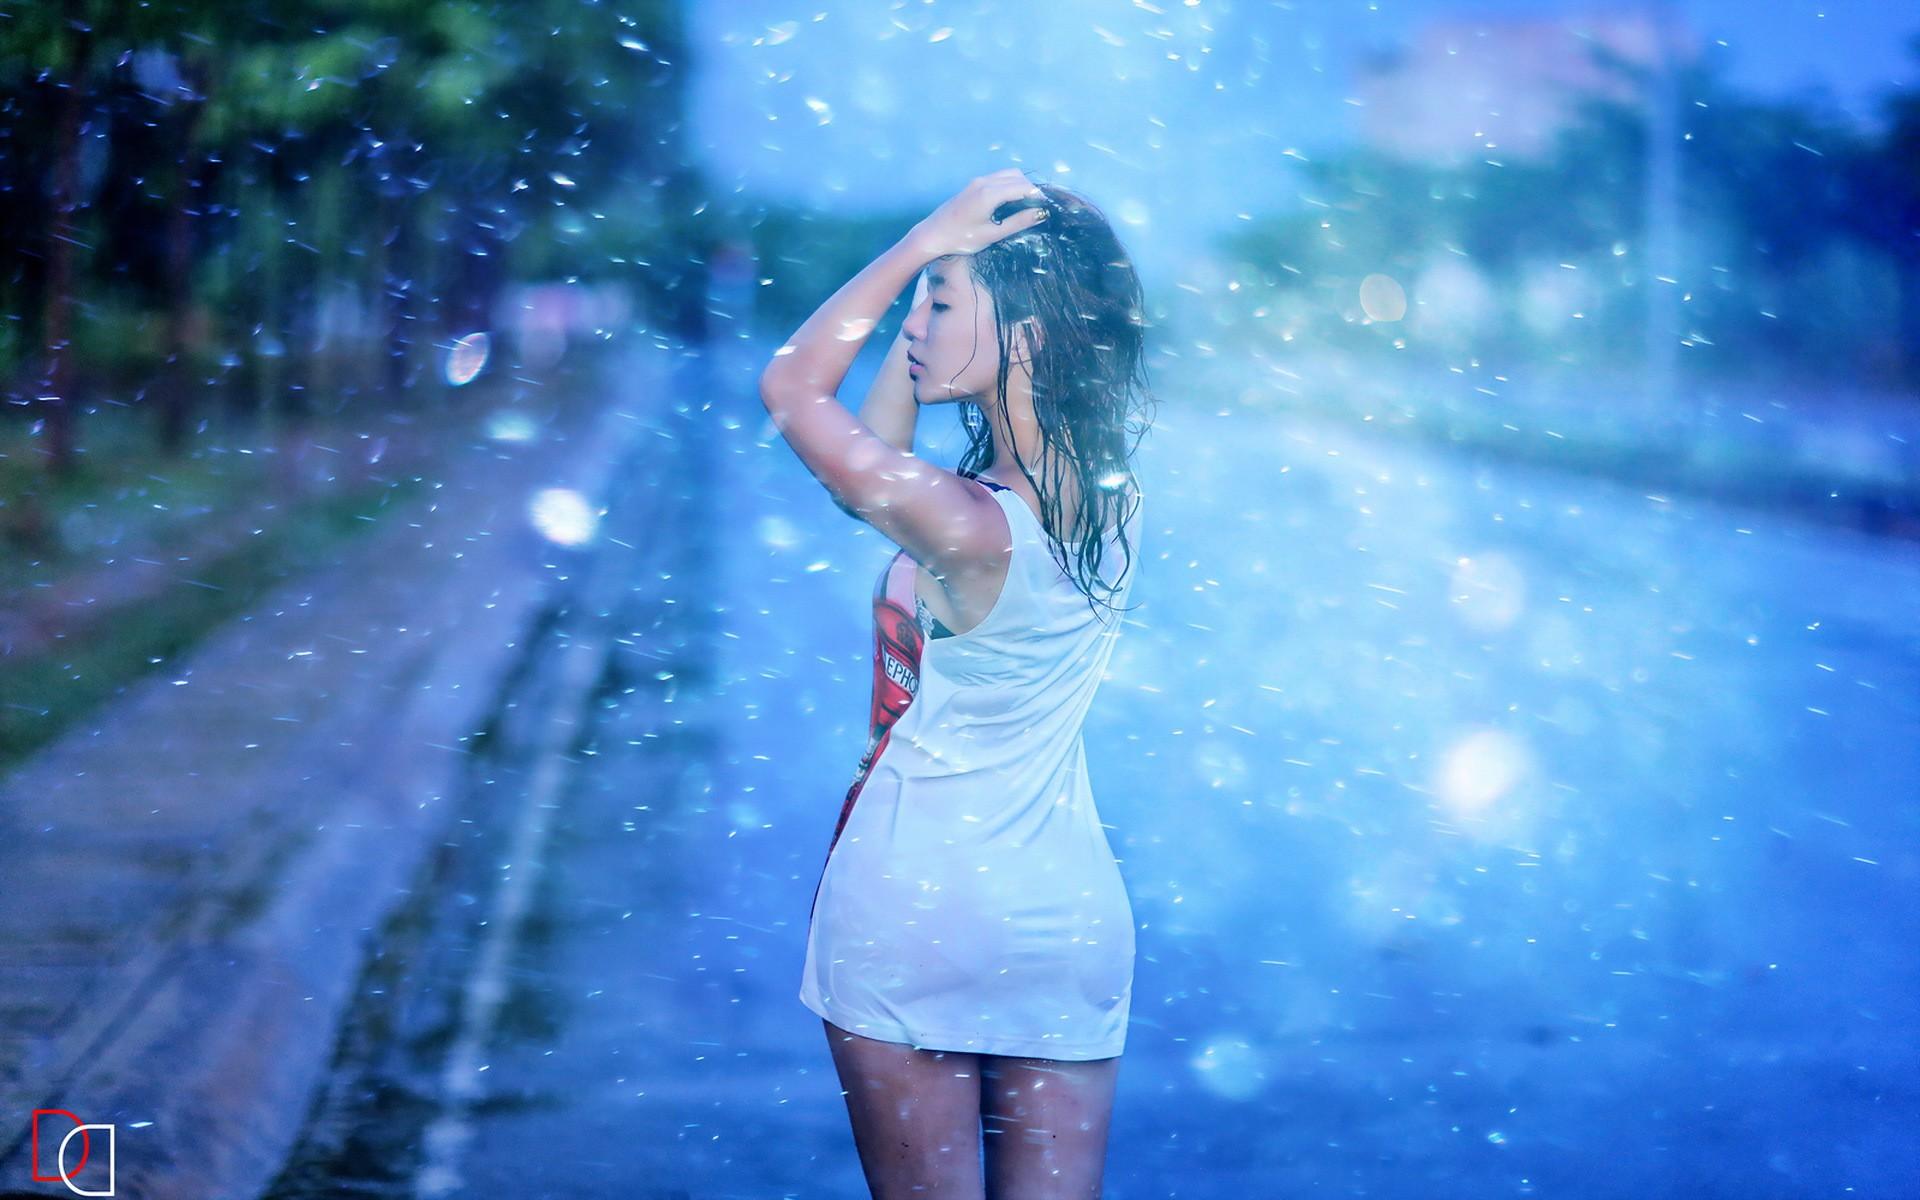 Girl Face Wallpaper 5k Girl On Rain Wallpaper Other Wallpaper Better